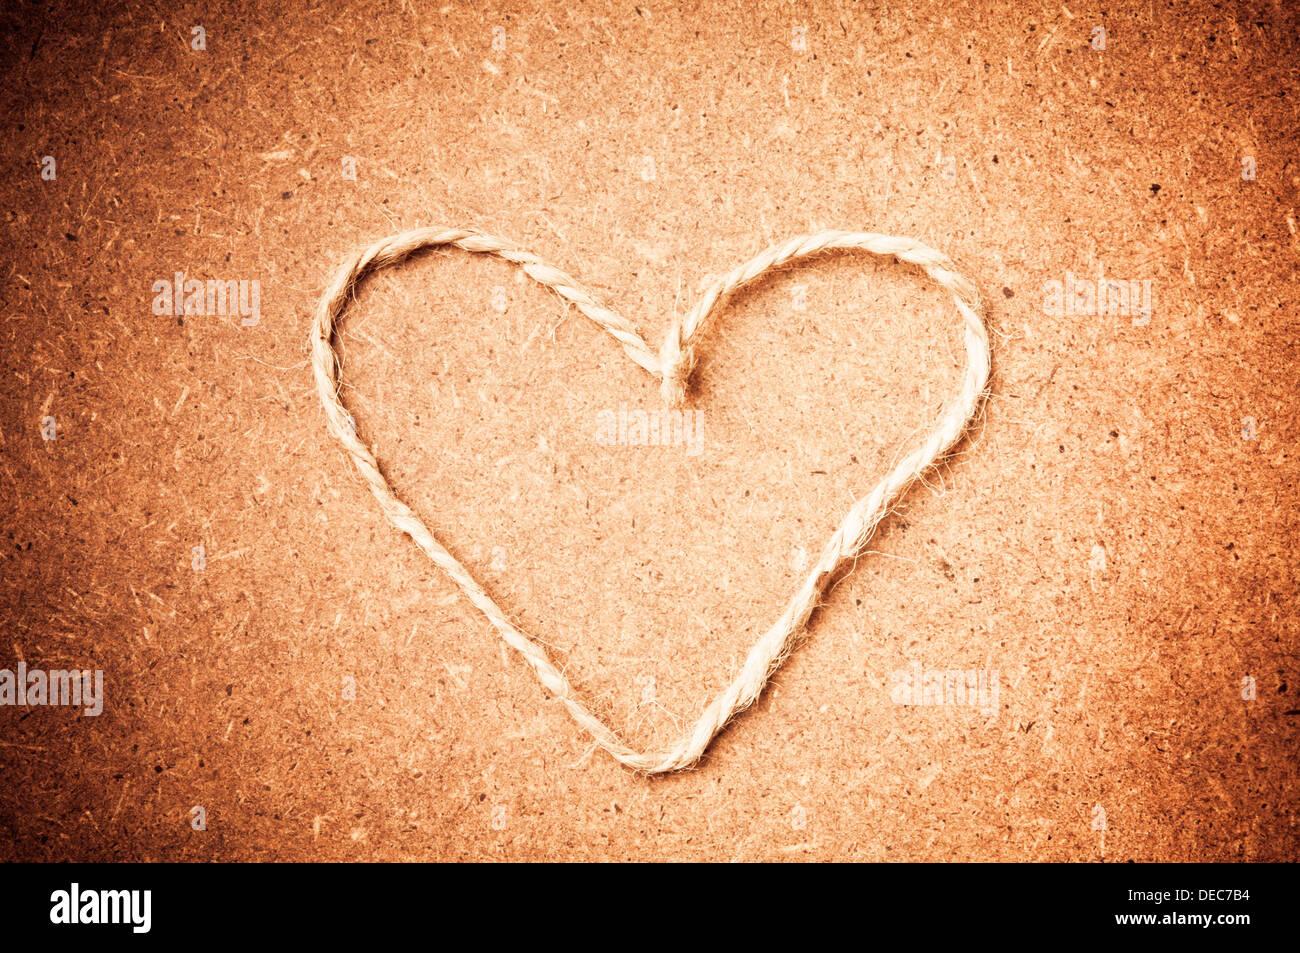 Forme de coeur Saint-valentin faite avec une corde, love concept Banque D'Images